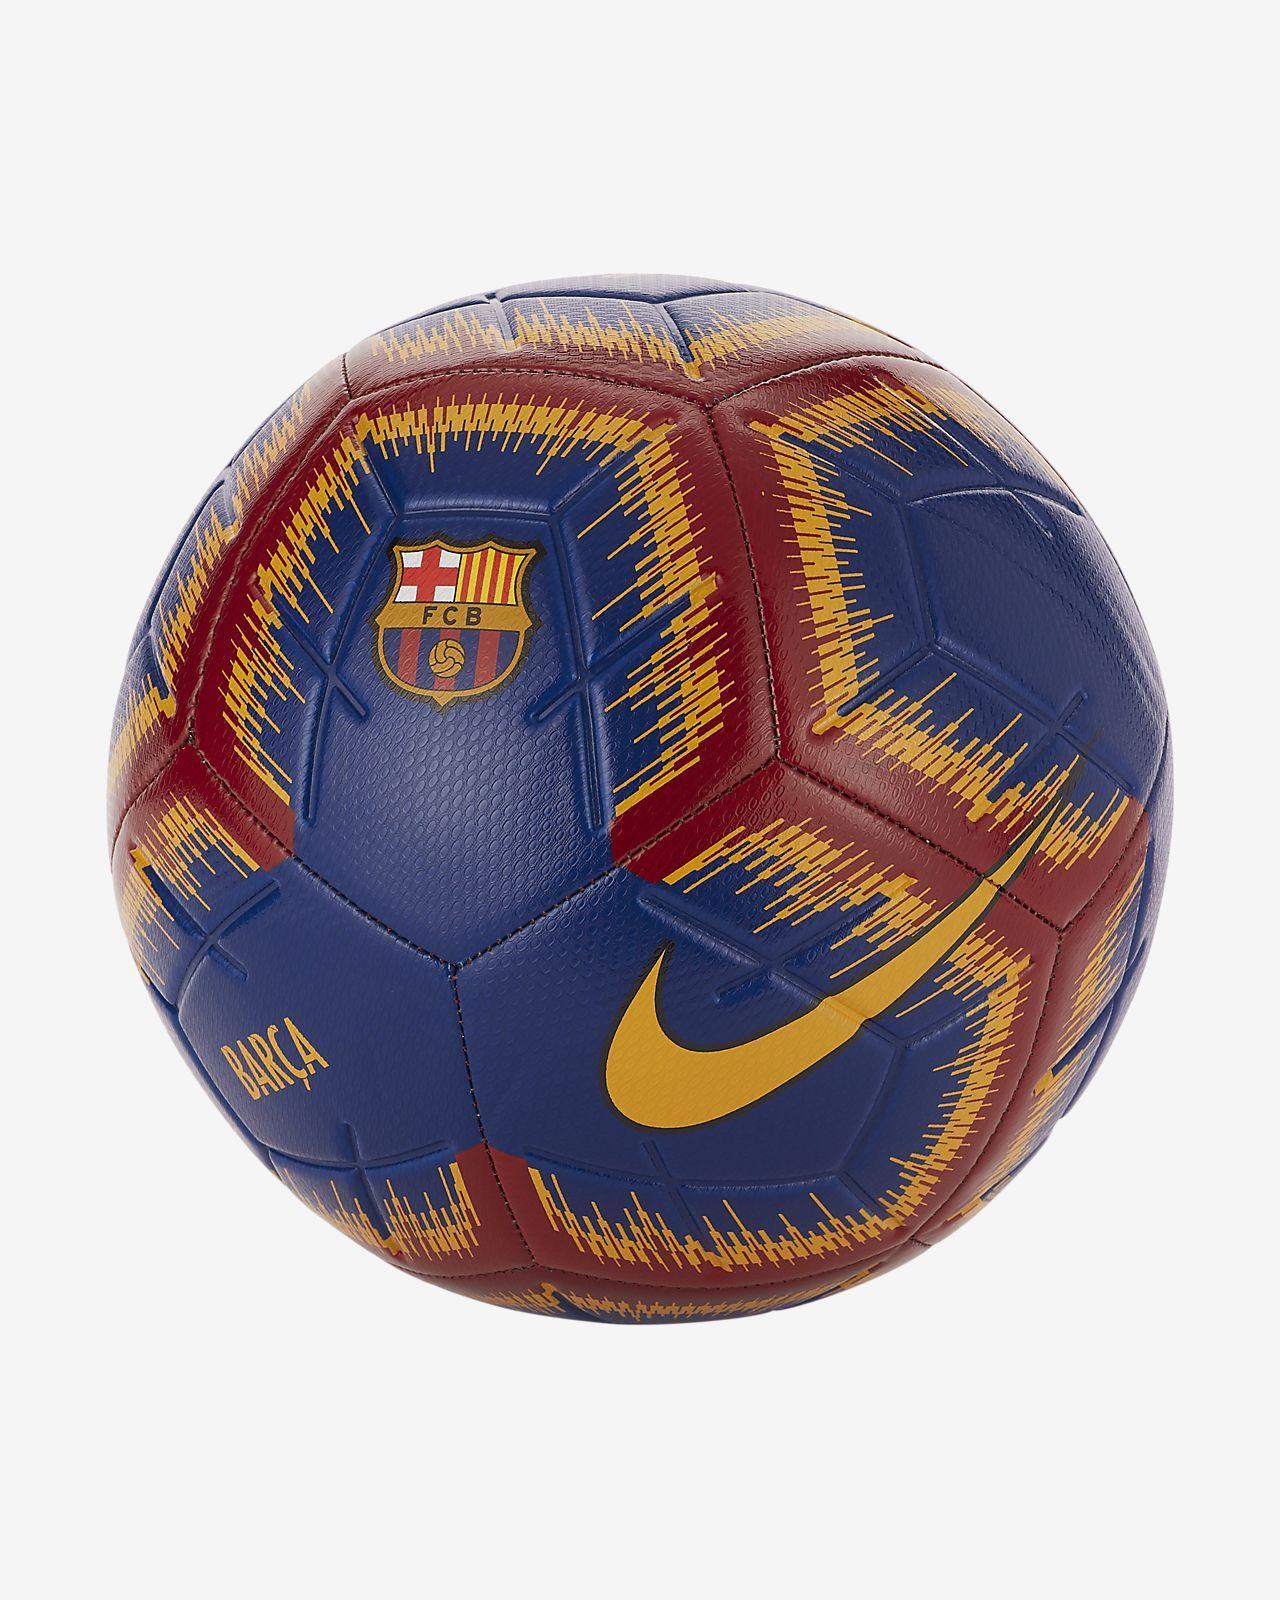 FC バルセロナ ストライク サッカーボール